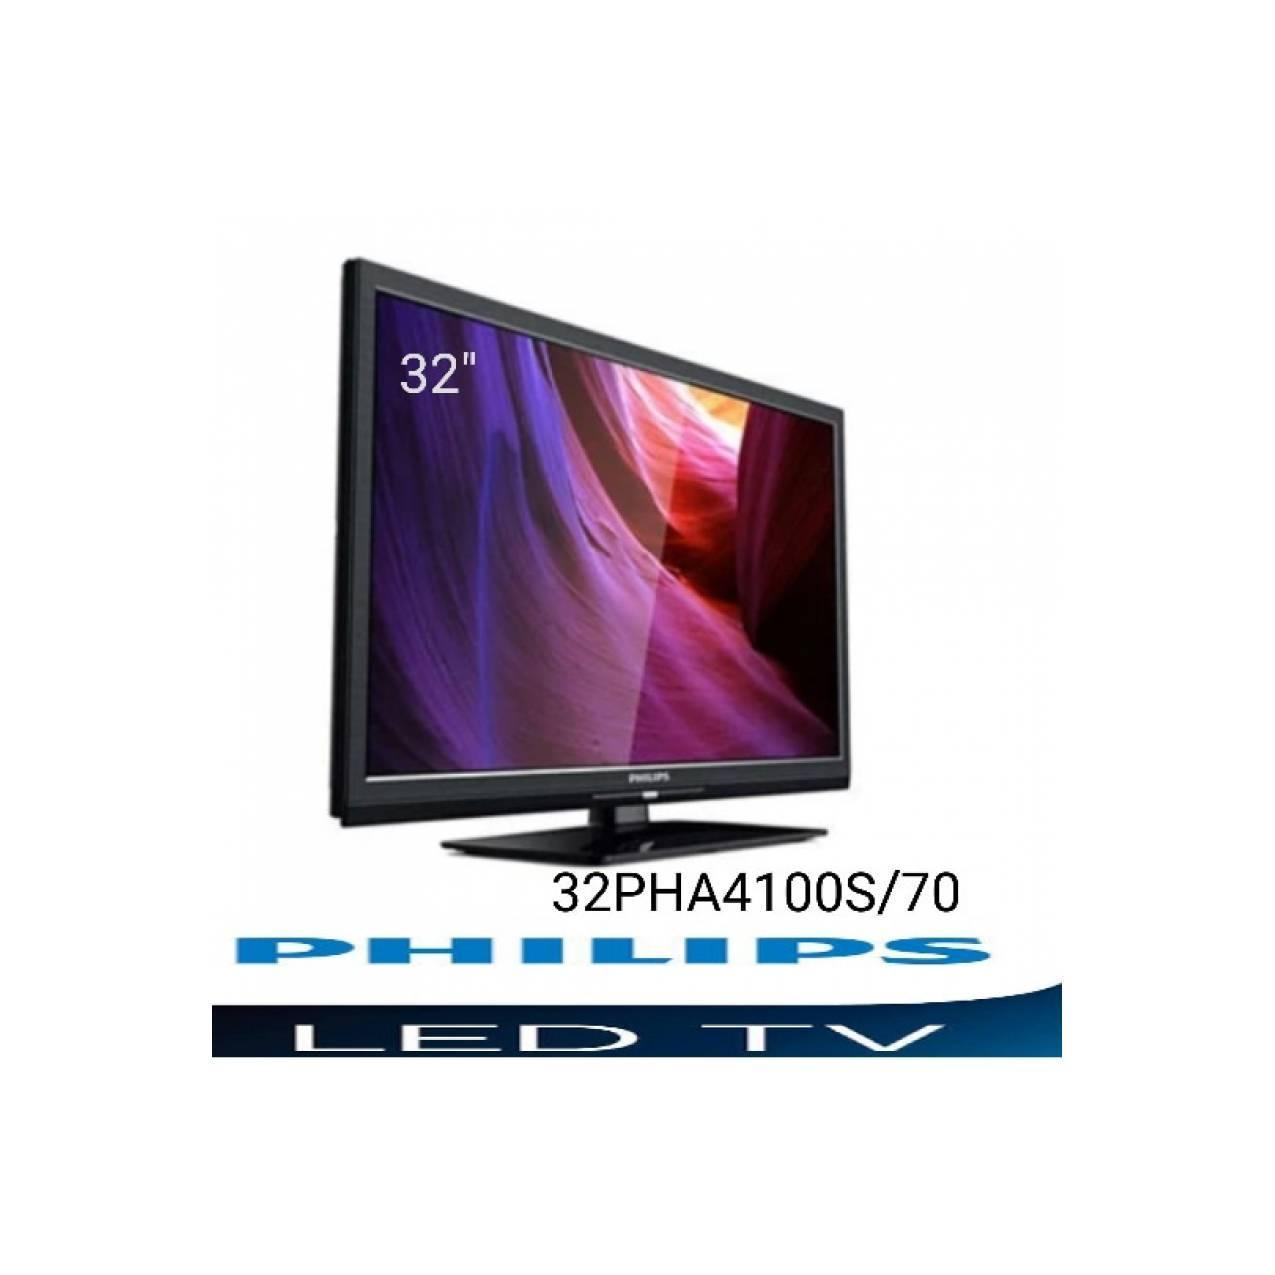 FREE BRACKET - PHILIPS 32PHA4100S/70 LED TV - USB MOVIE